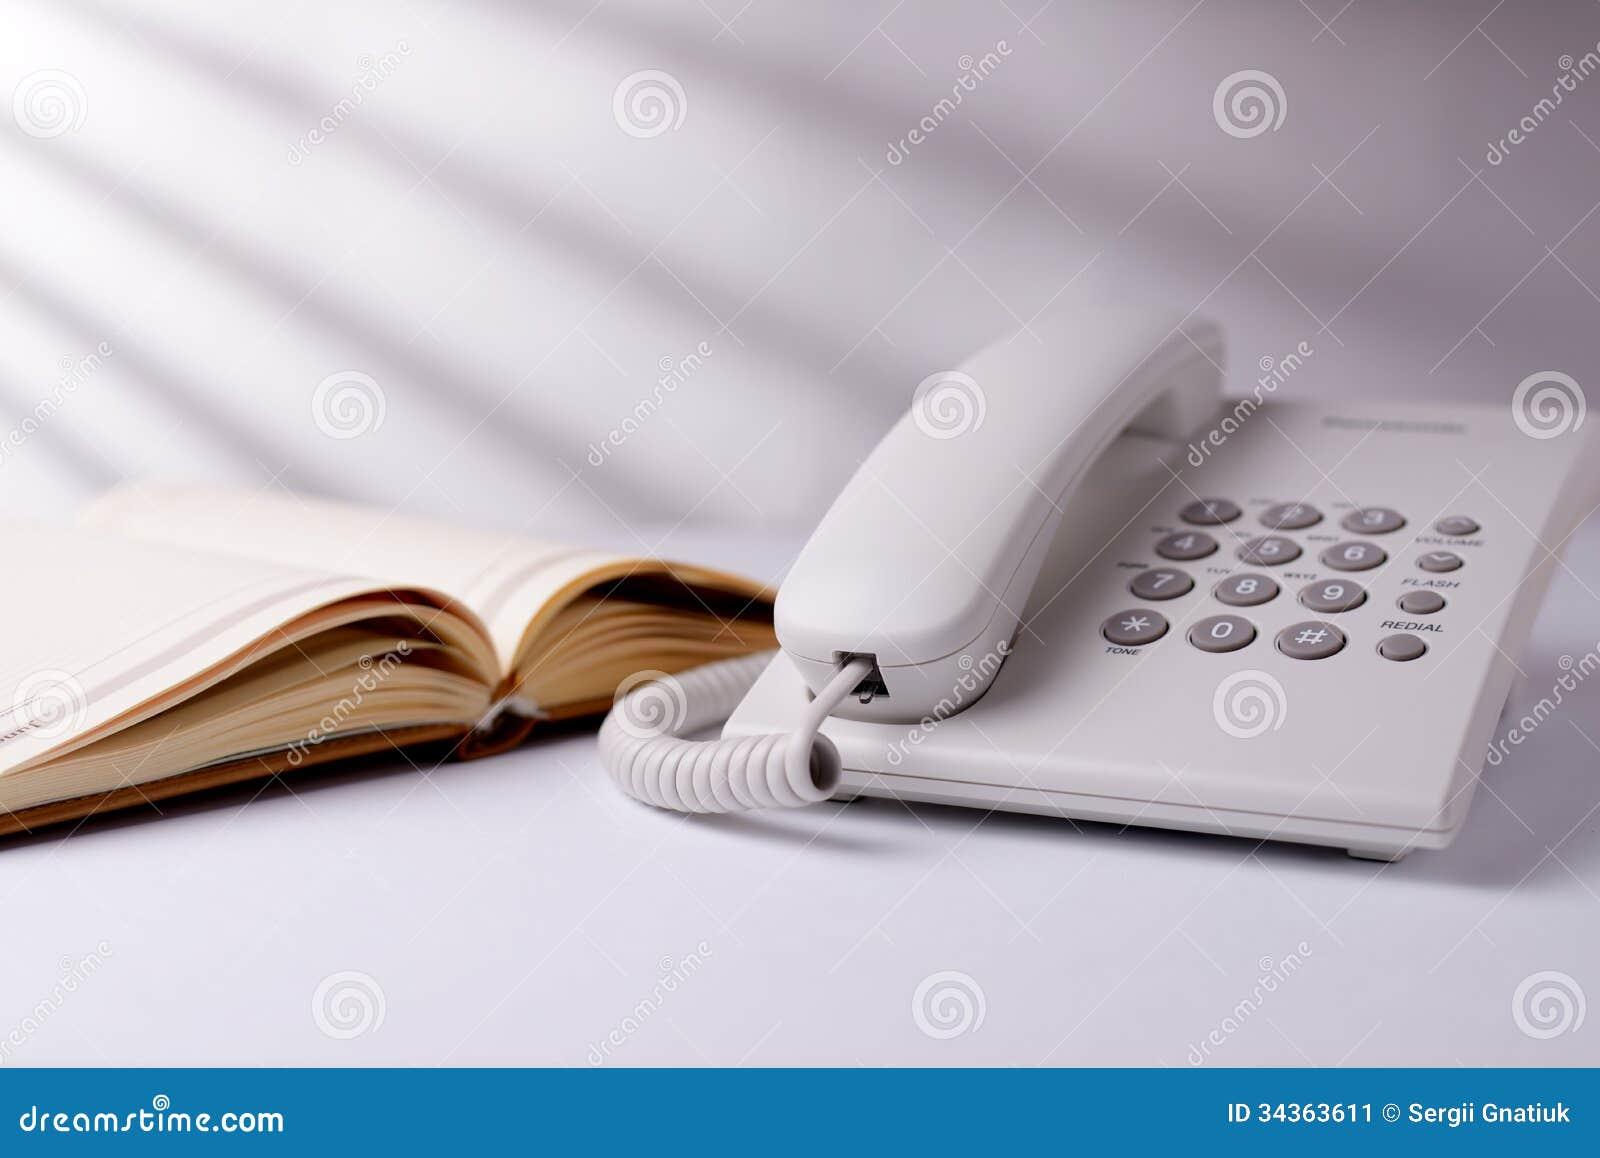 Llame por teléfono y abra al libro